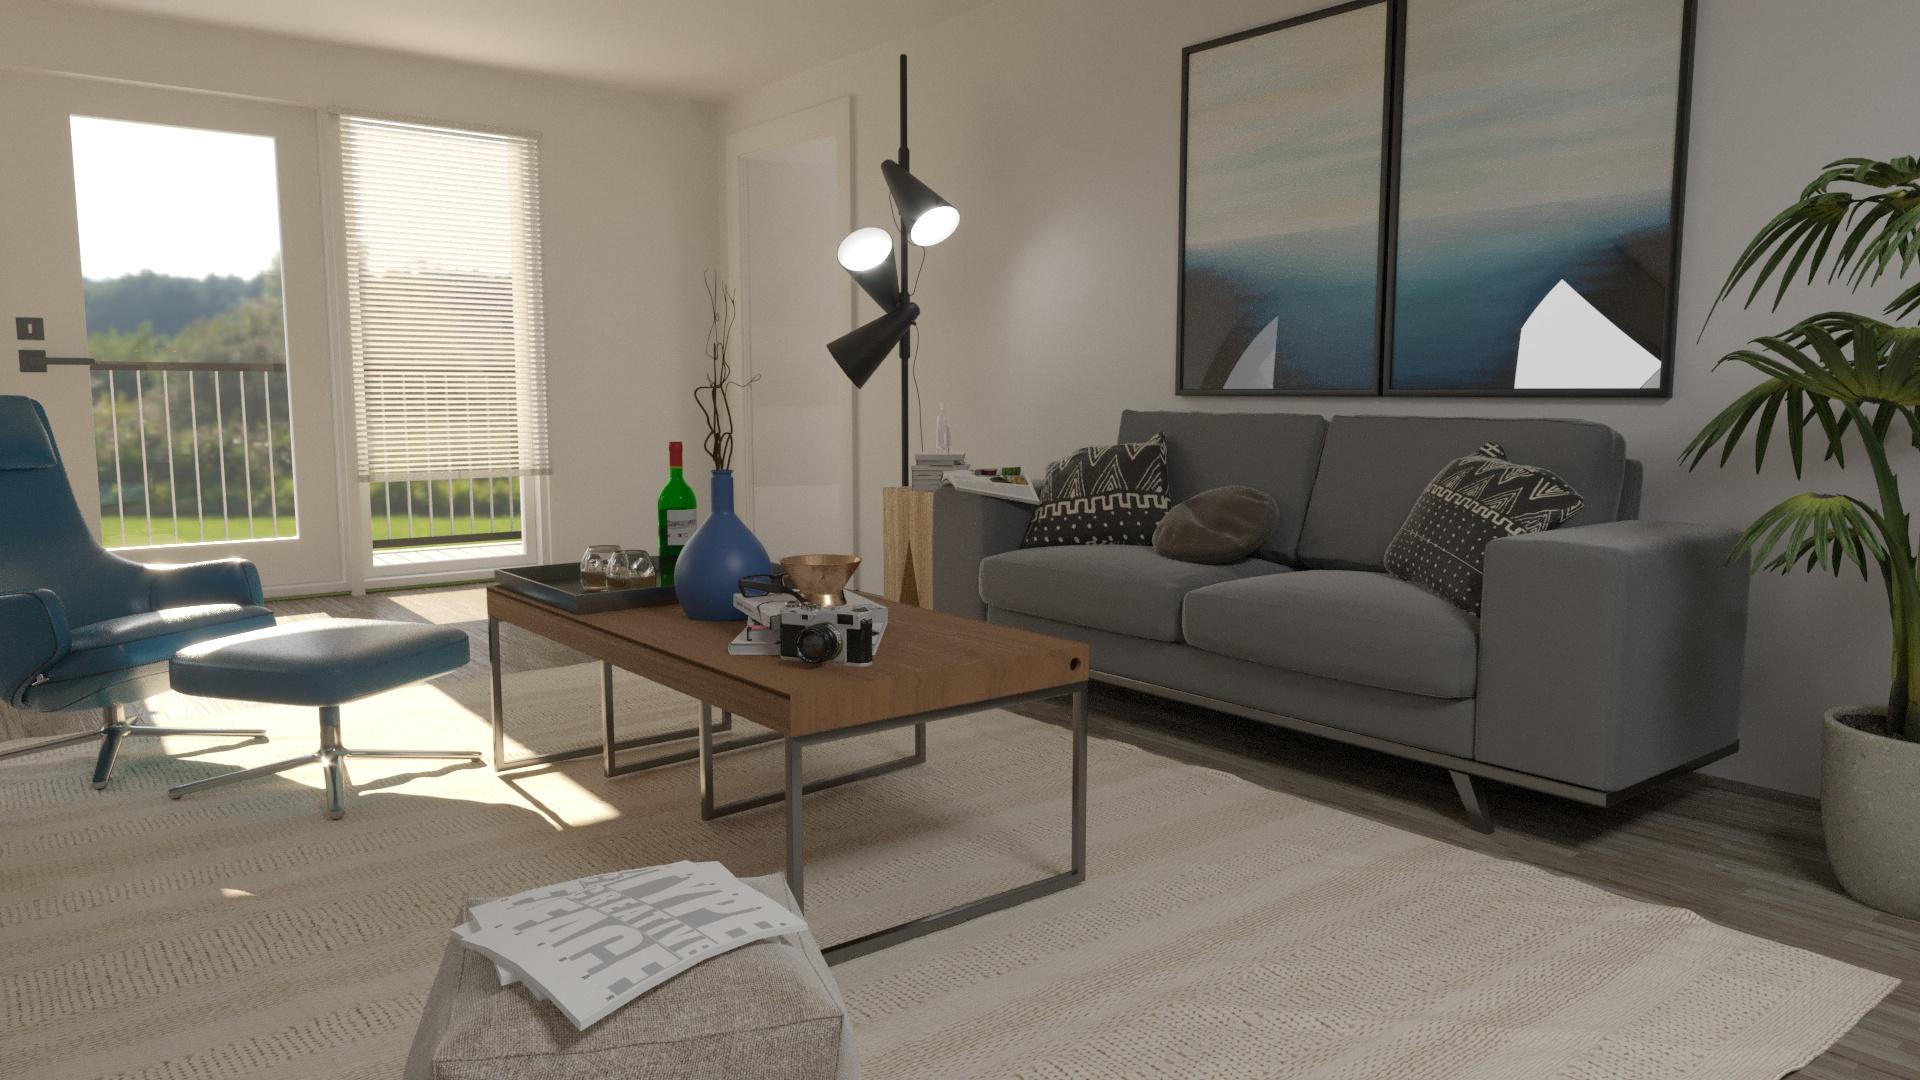 B_Suite_LivingRoom_Angle_2.jpg